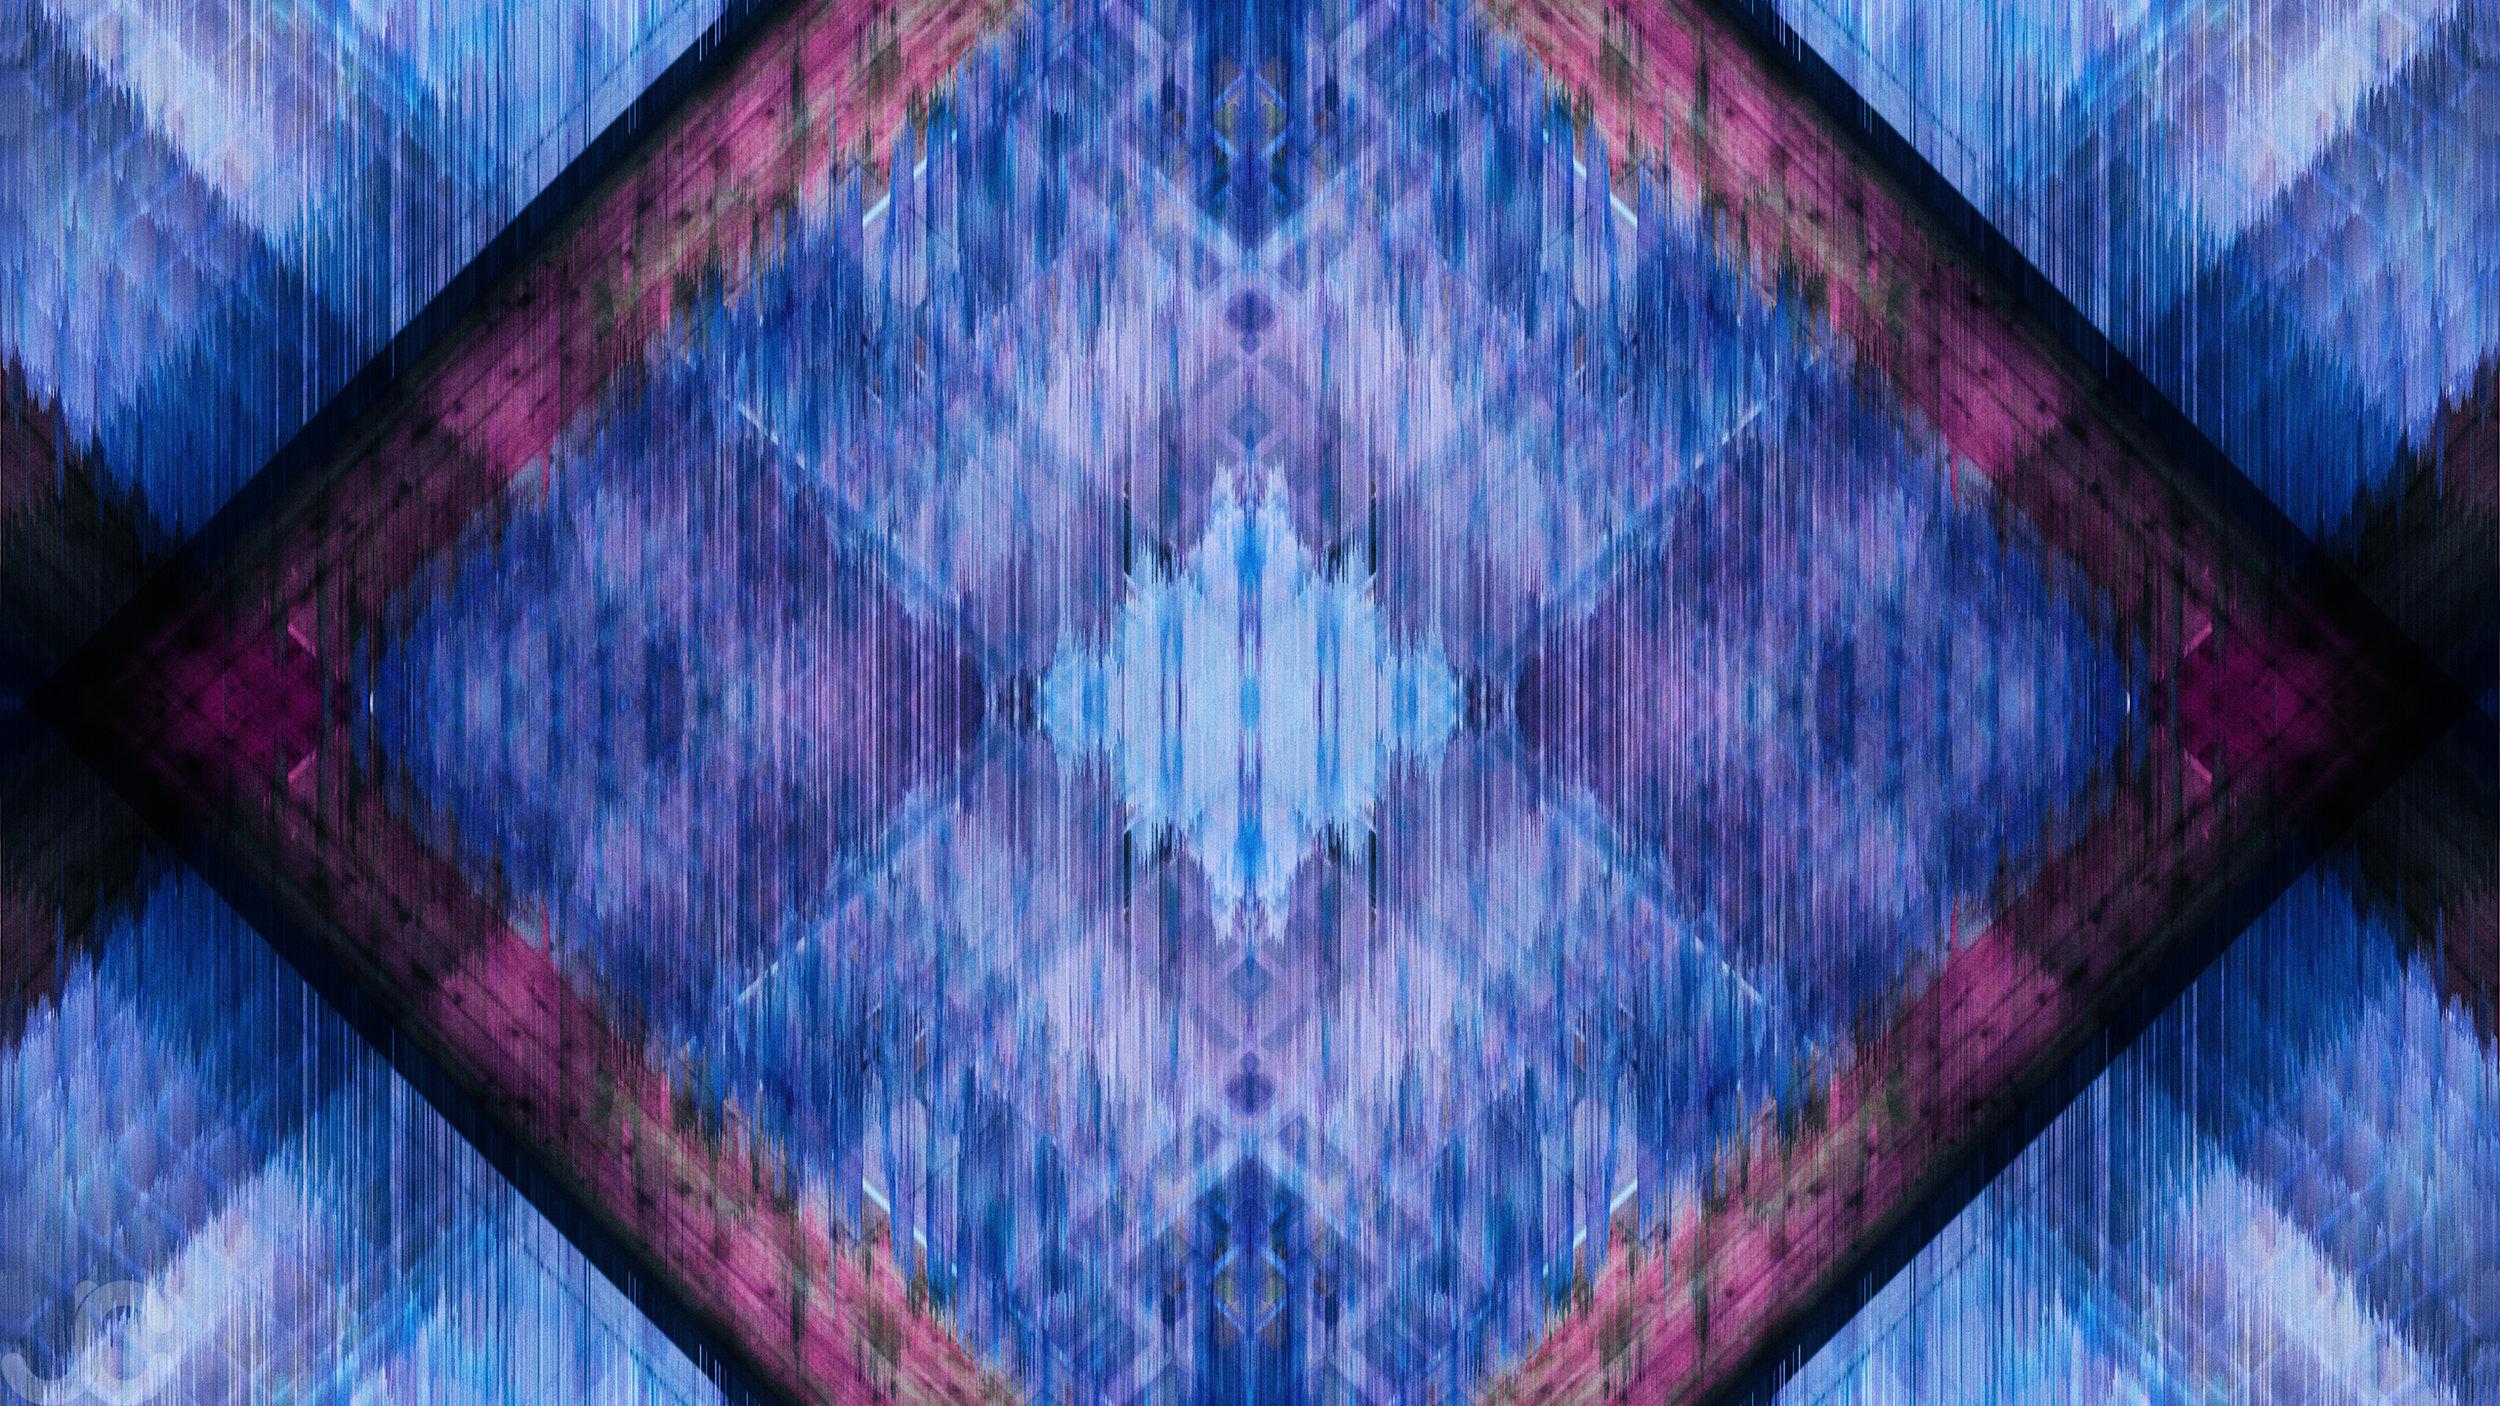 Prism01440P8BWM.jpg